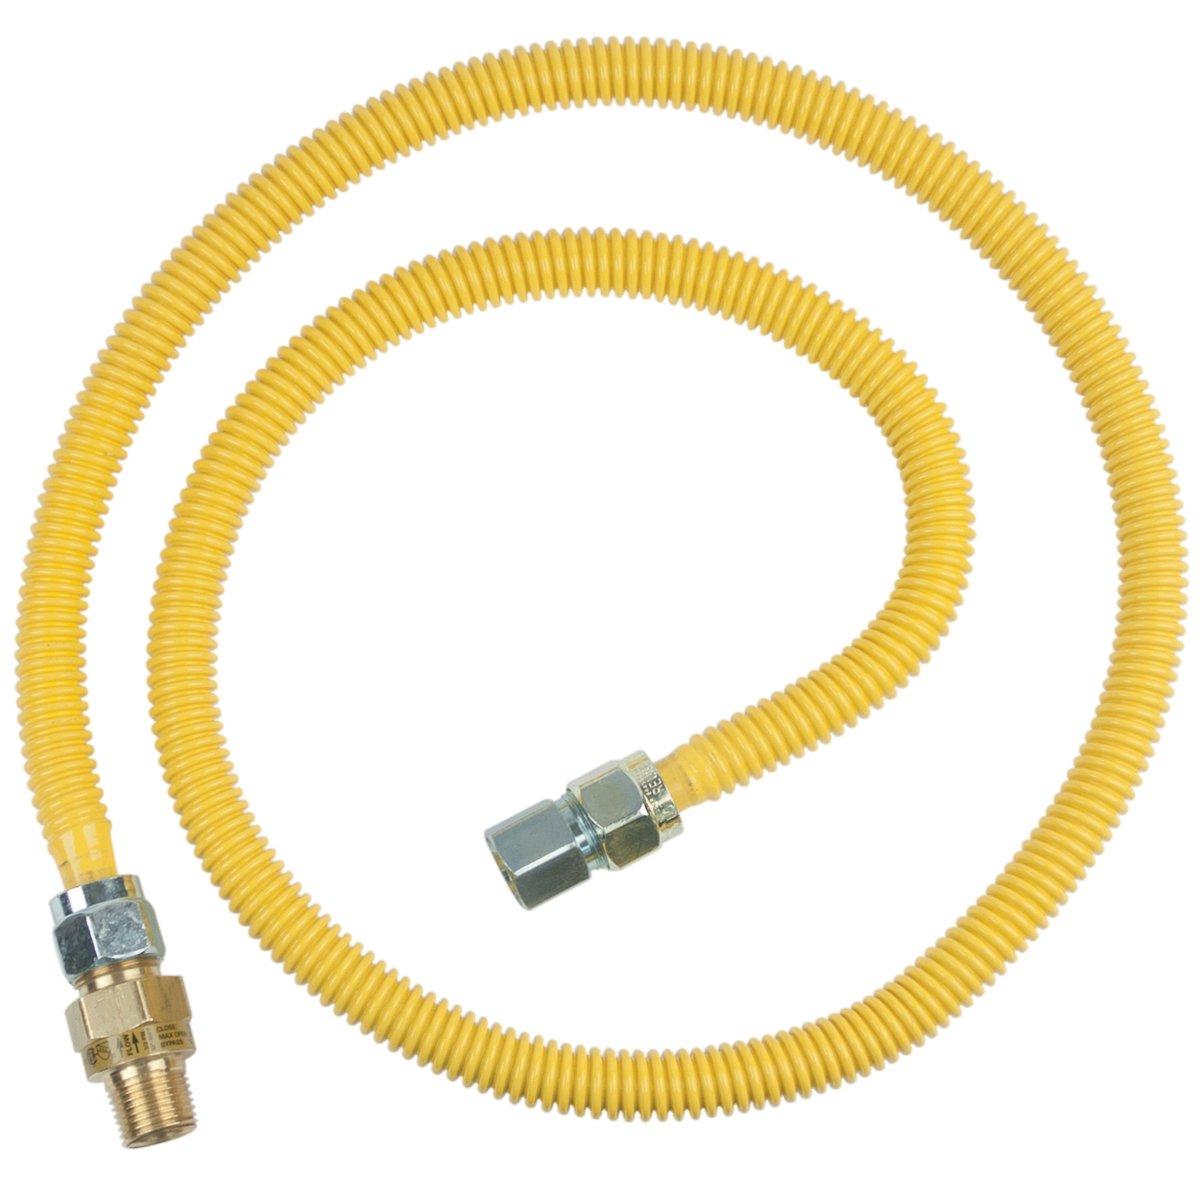 Brasscraft Cssc45R60 P Safety Plus Gas Appliance 5/8'' Od Connector With 1/2'' Mip Efv x 1/2'' Fip x 60''